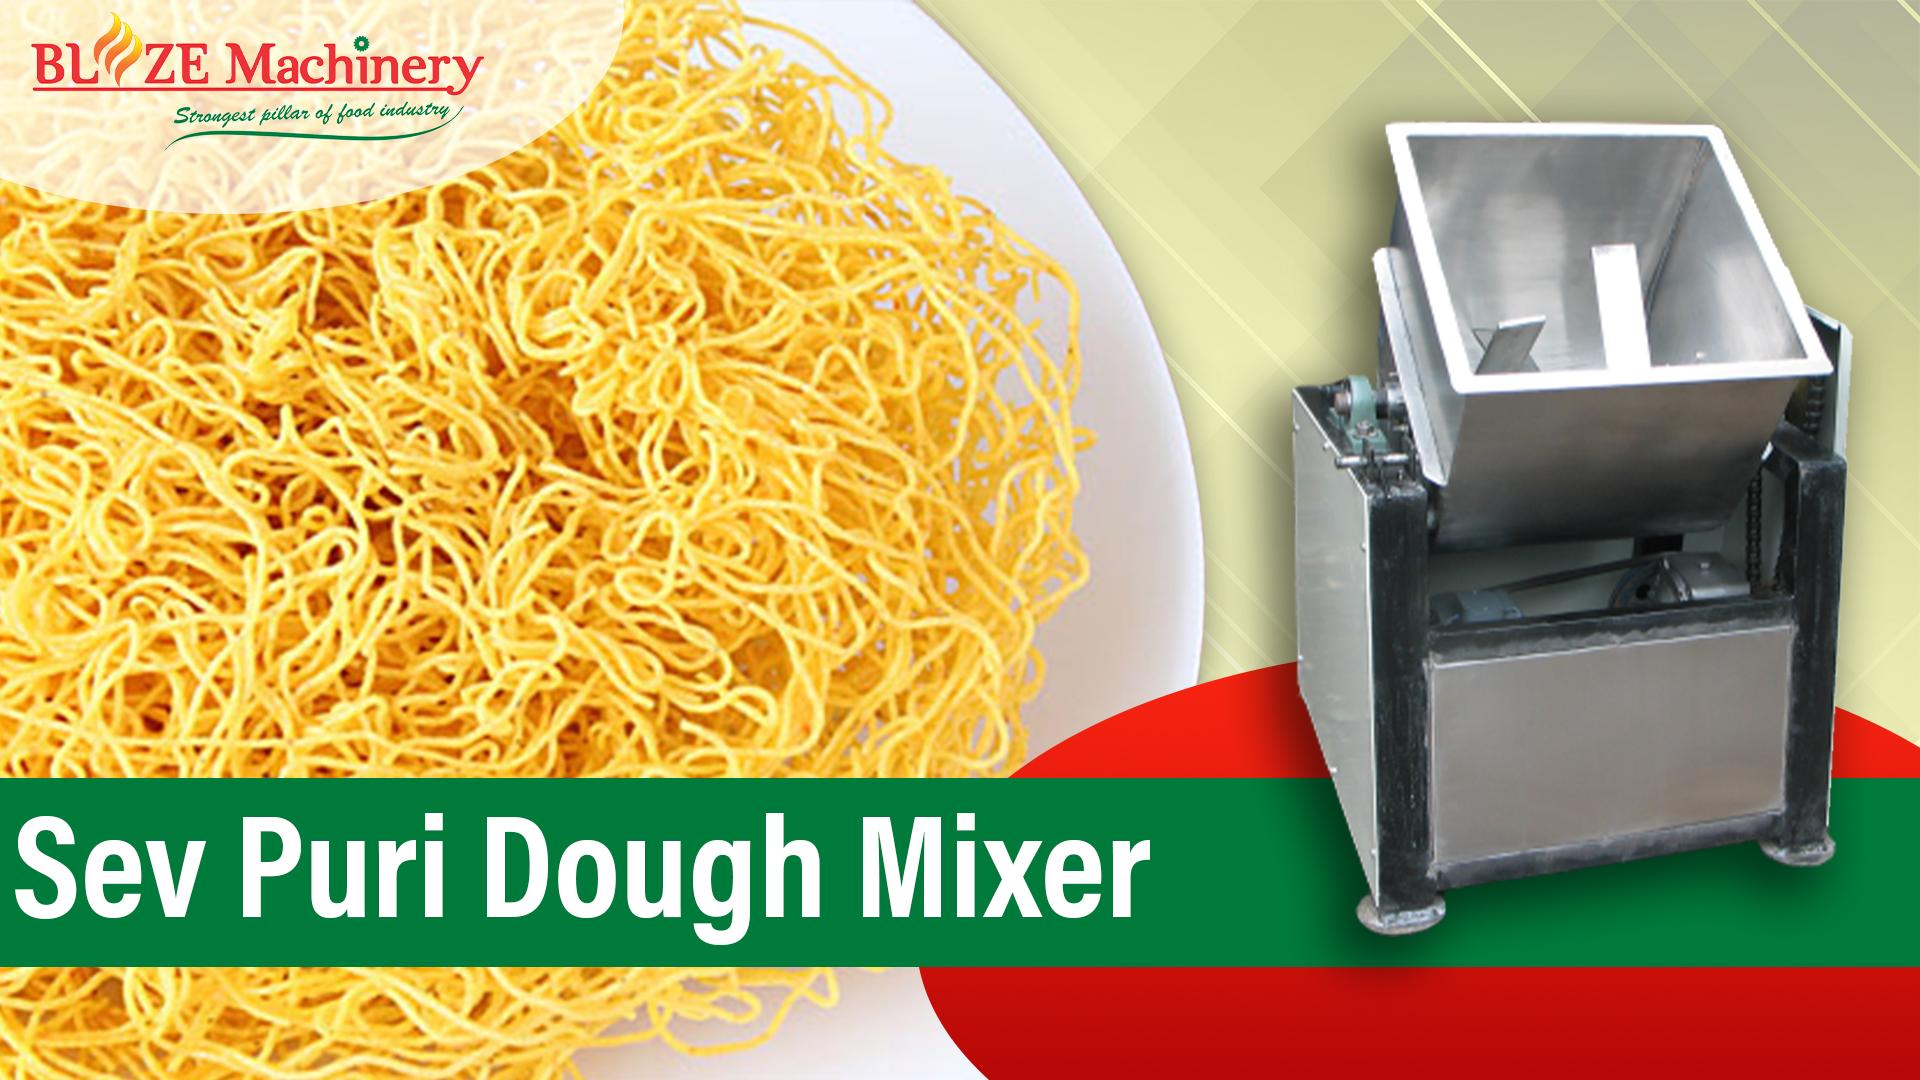 Sev Puri Dough Mixer